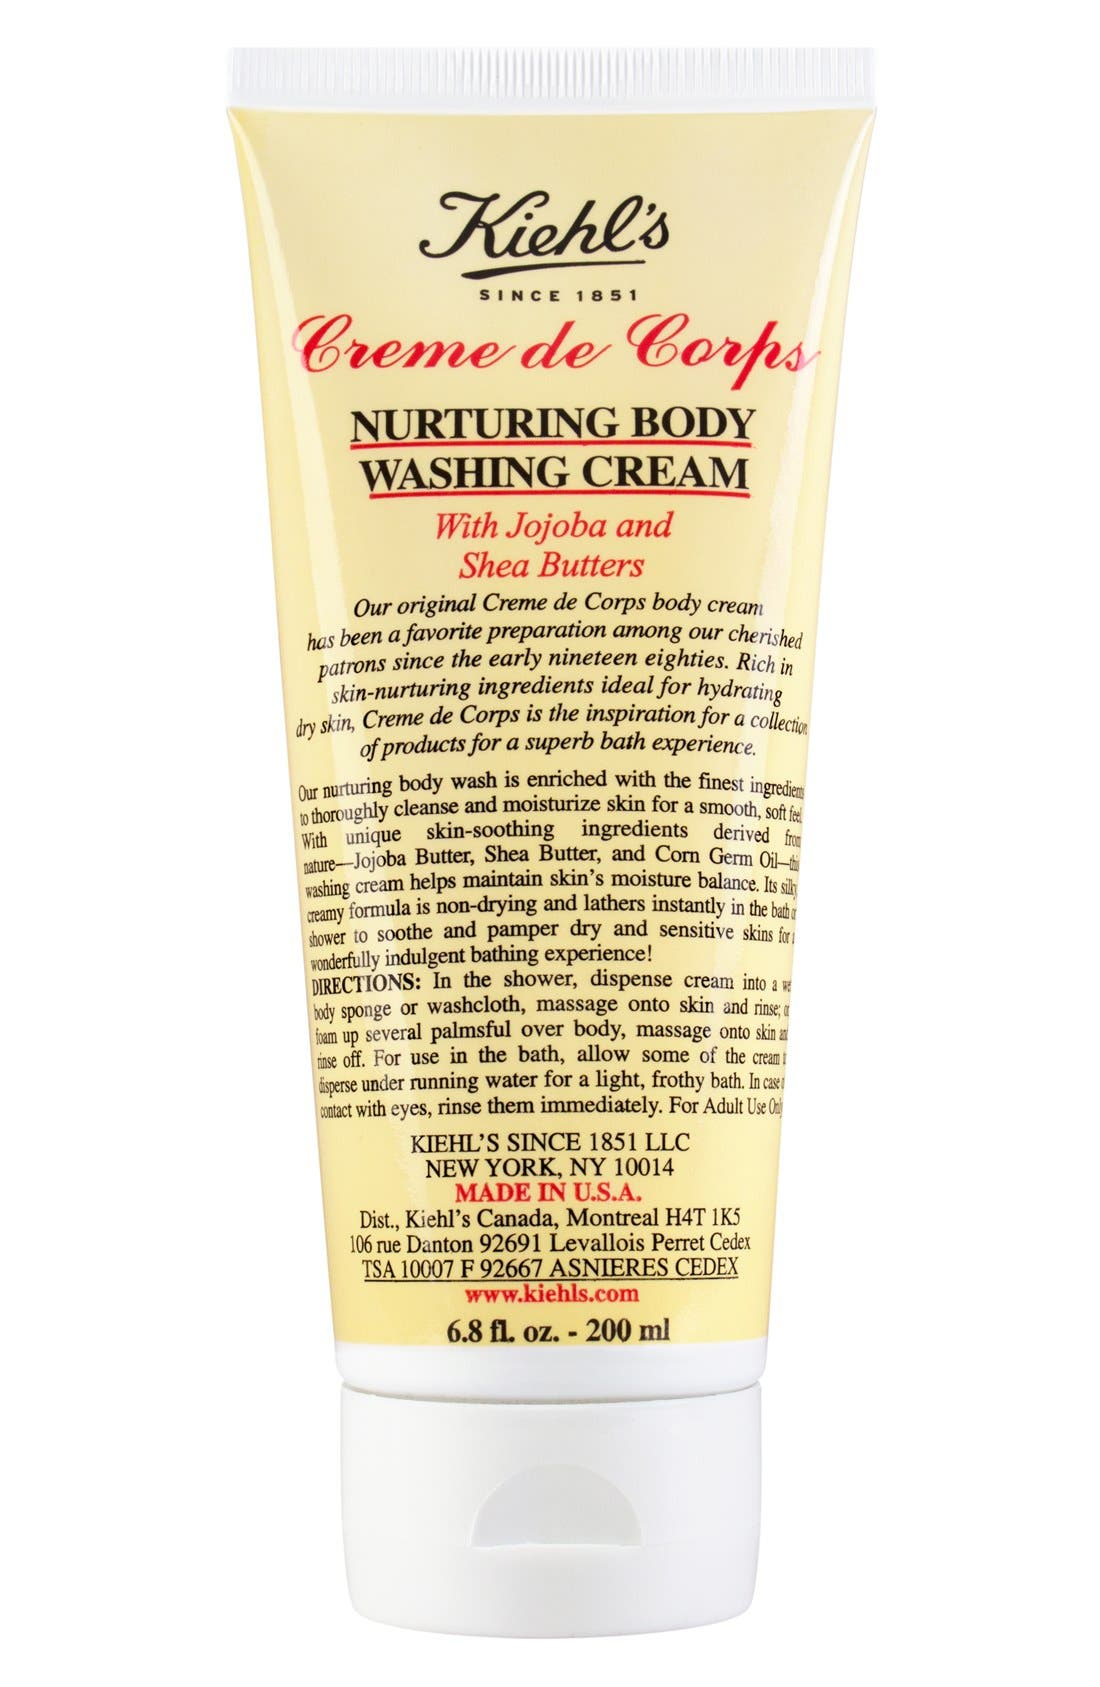 Kiehl's Since 1851 'Creme de Corps' Nurturing Body Washing Cream